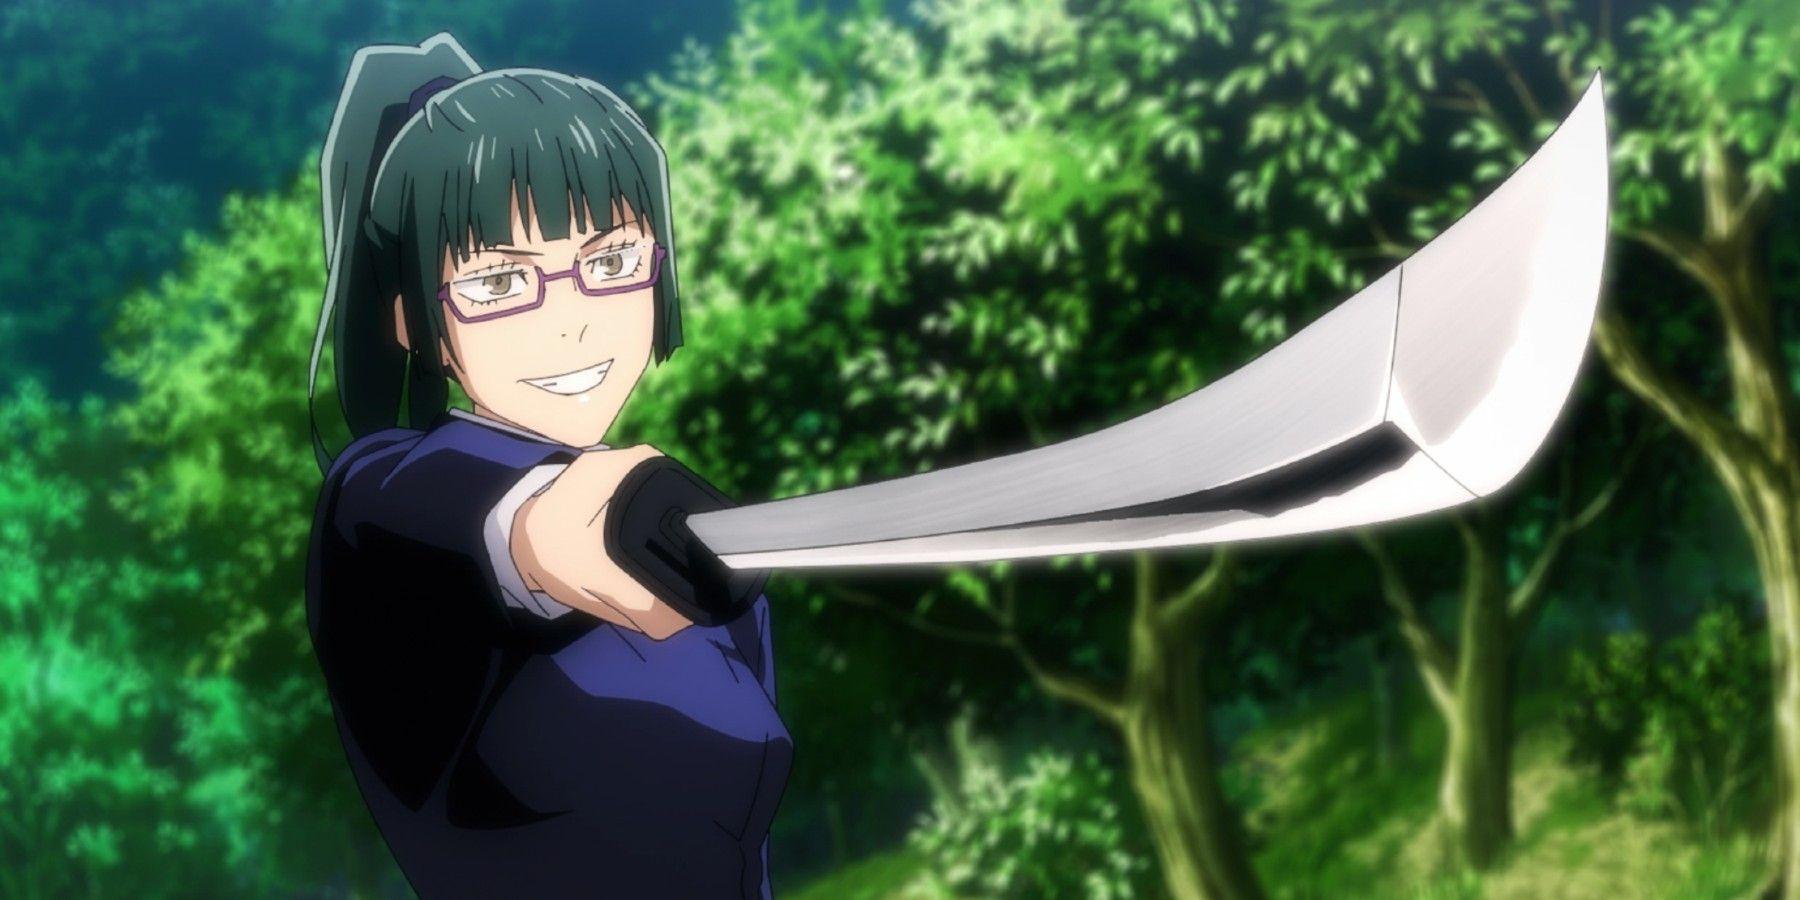 Jujutsu Kaisen: Idade de cada personagem principal 5